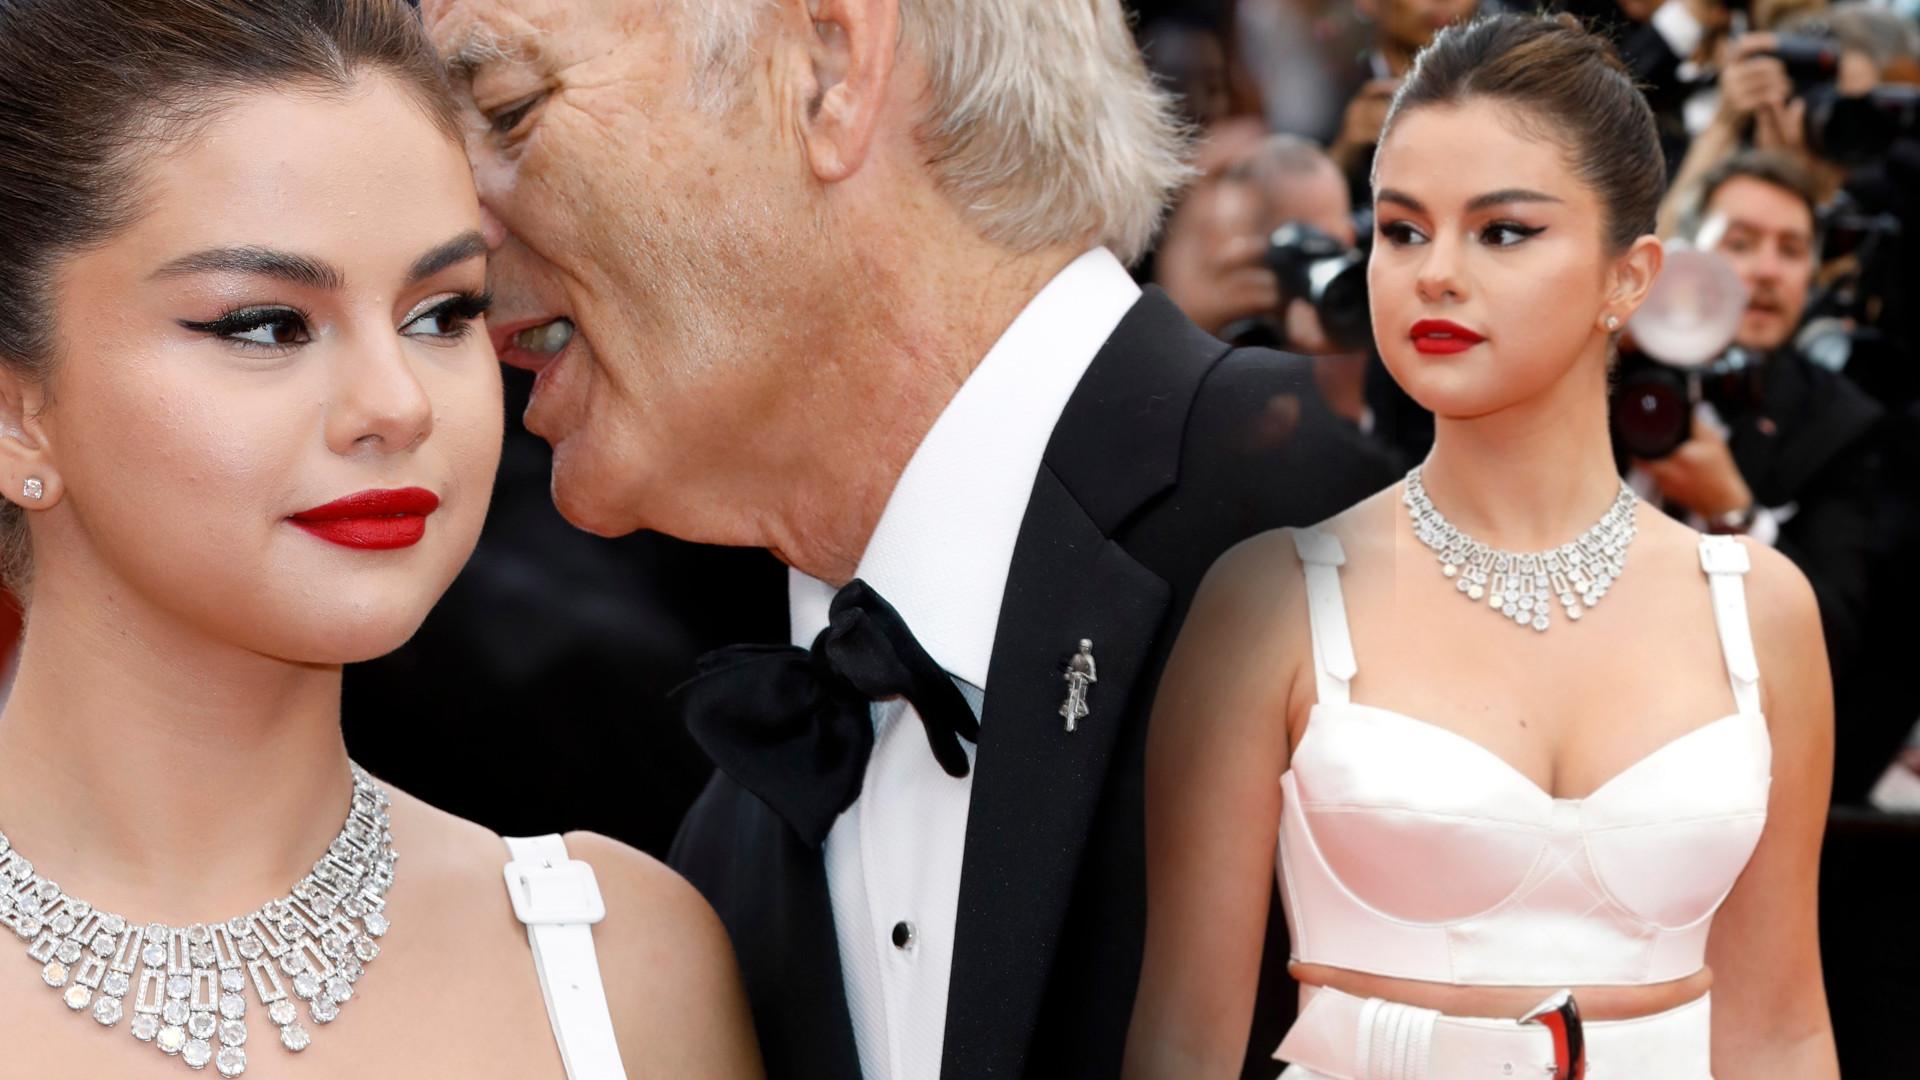 Ludzie uznali, że Bill Murray niestosownie dotykał Selenę Gomez w Cannes – skomentowała jego zachowanie